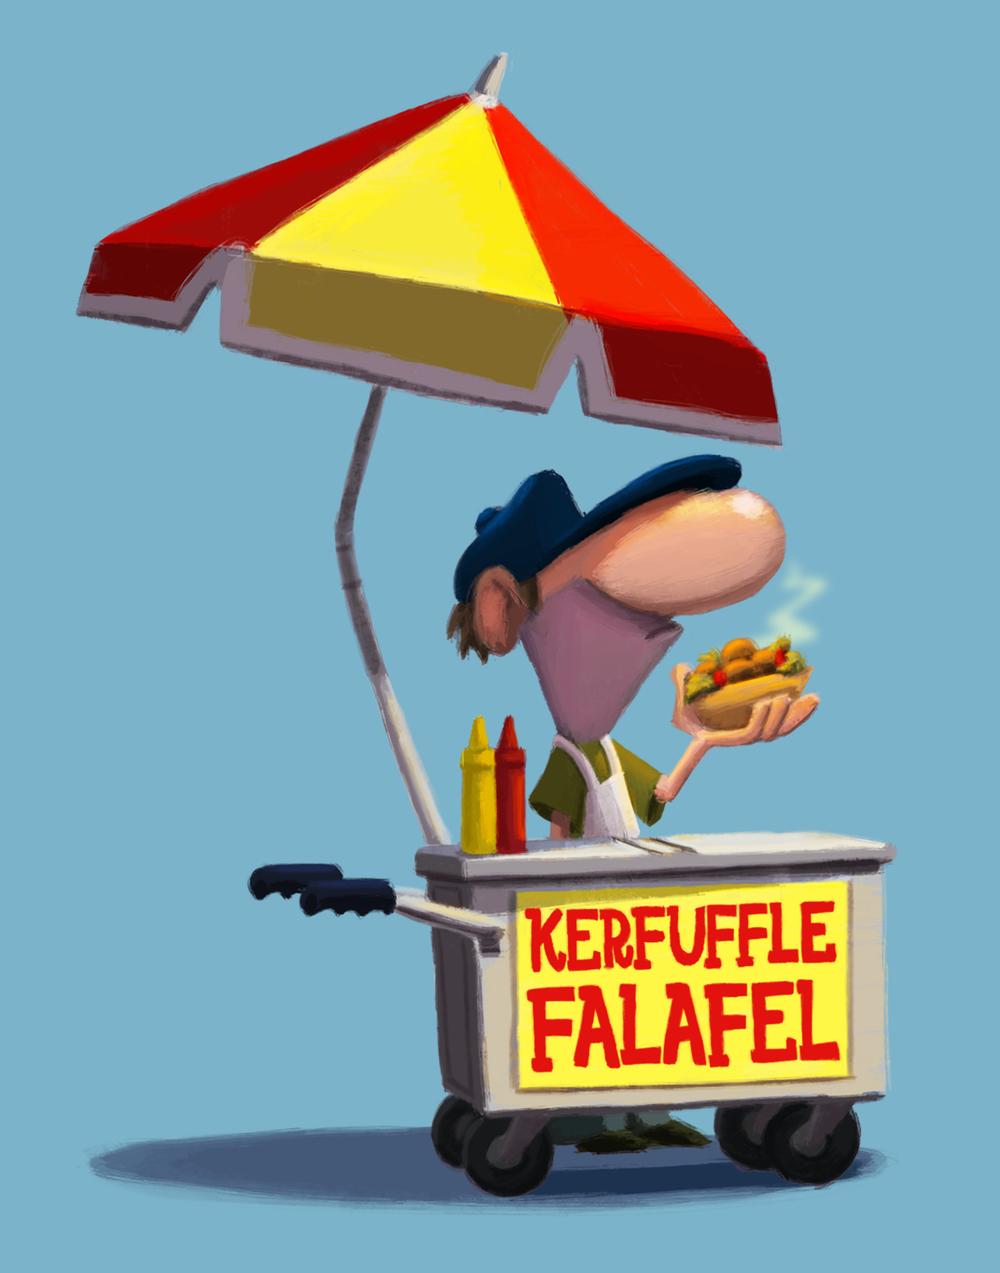 kerfuffle_falafel_natekelly.jpg